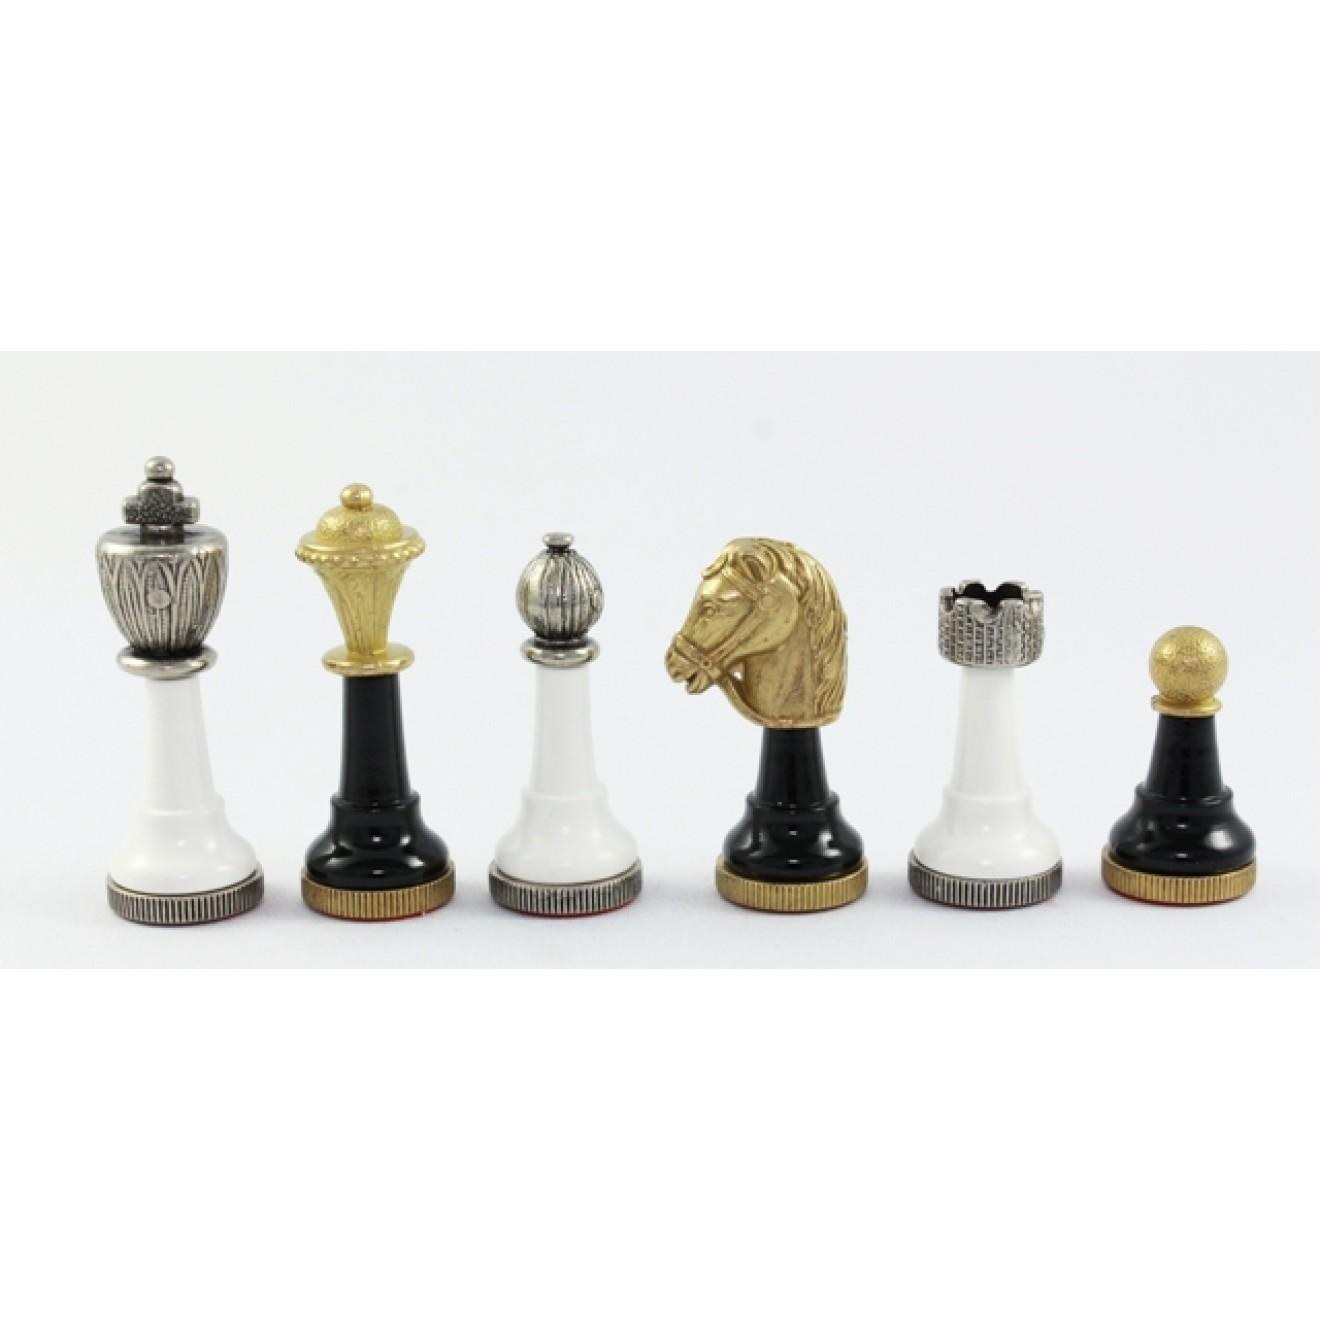 schachfiguren schachfiguren metall holz kombination zink druckgu k nigsh he 75 mm. Black Bedroom Furniture Sets. Home Design Ideas